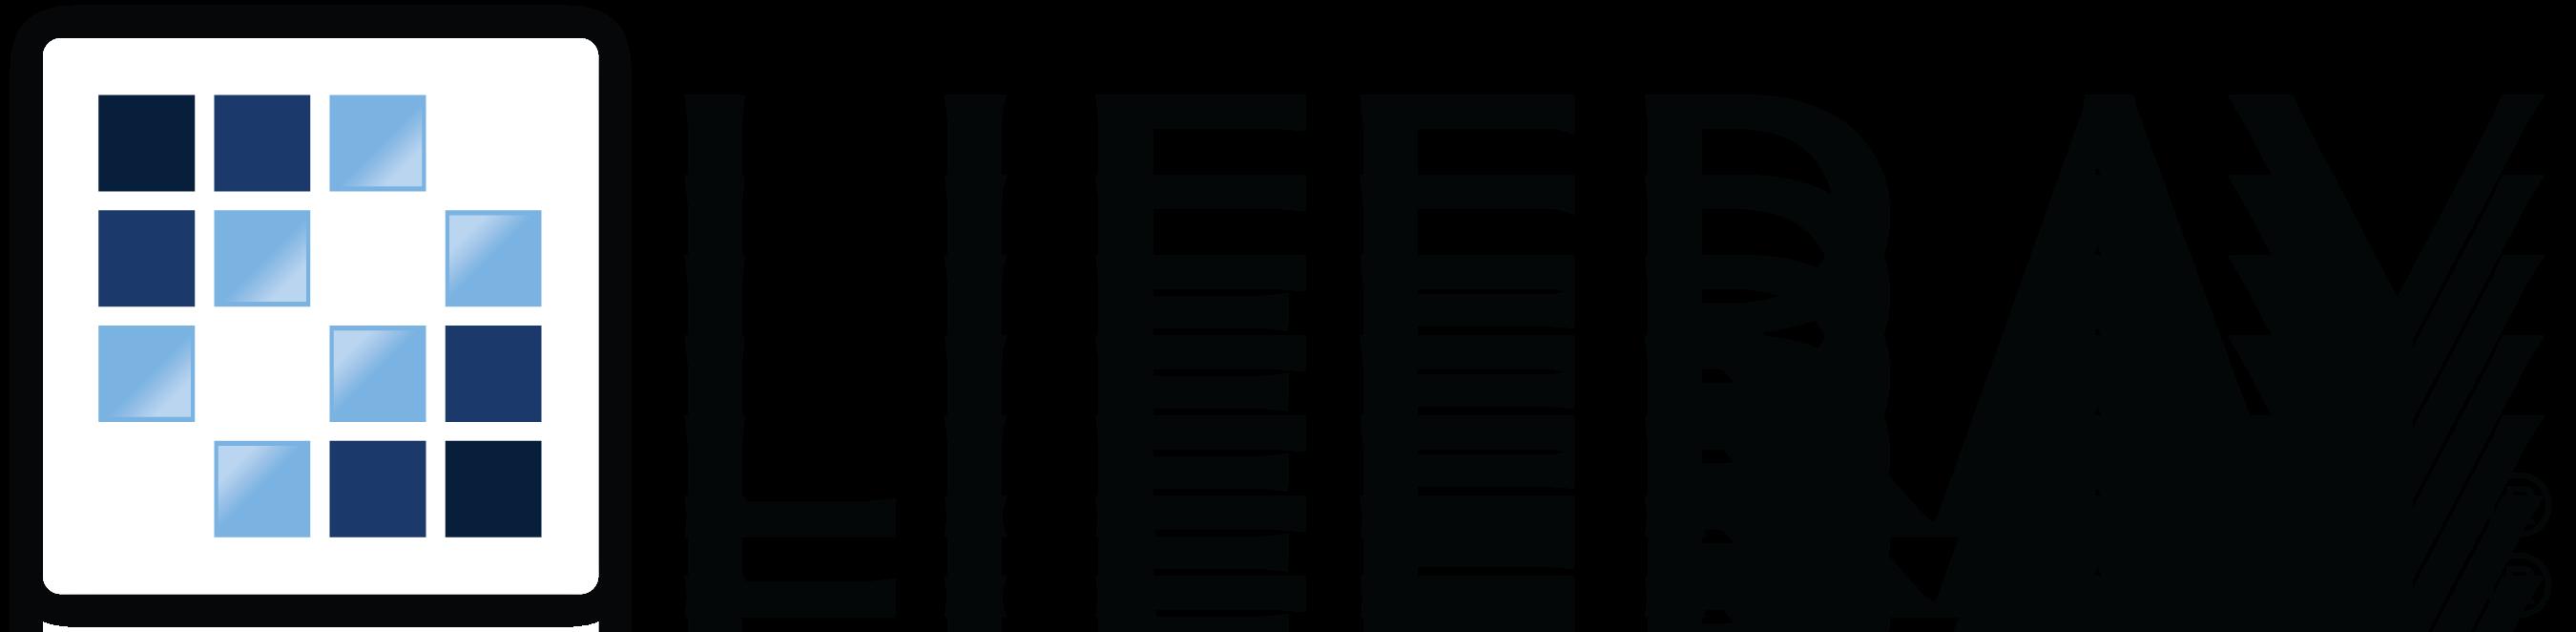 liferay-logo.png